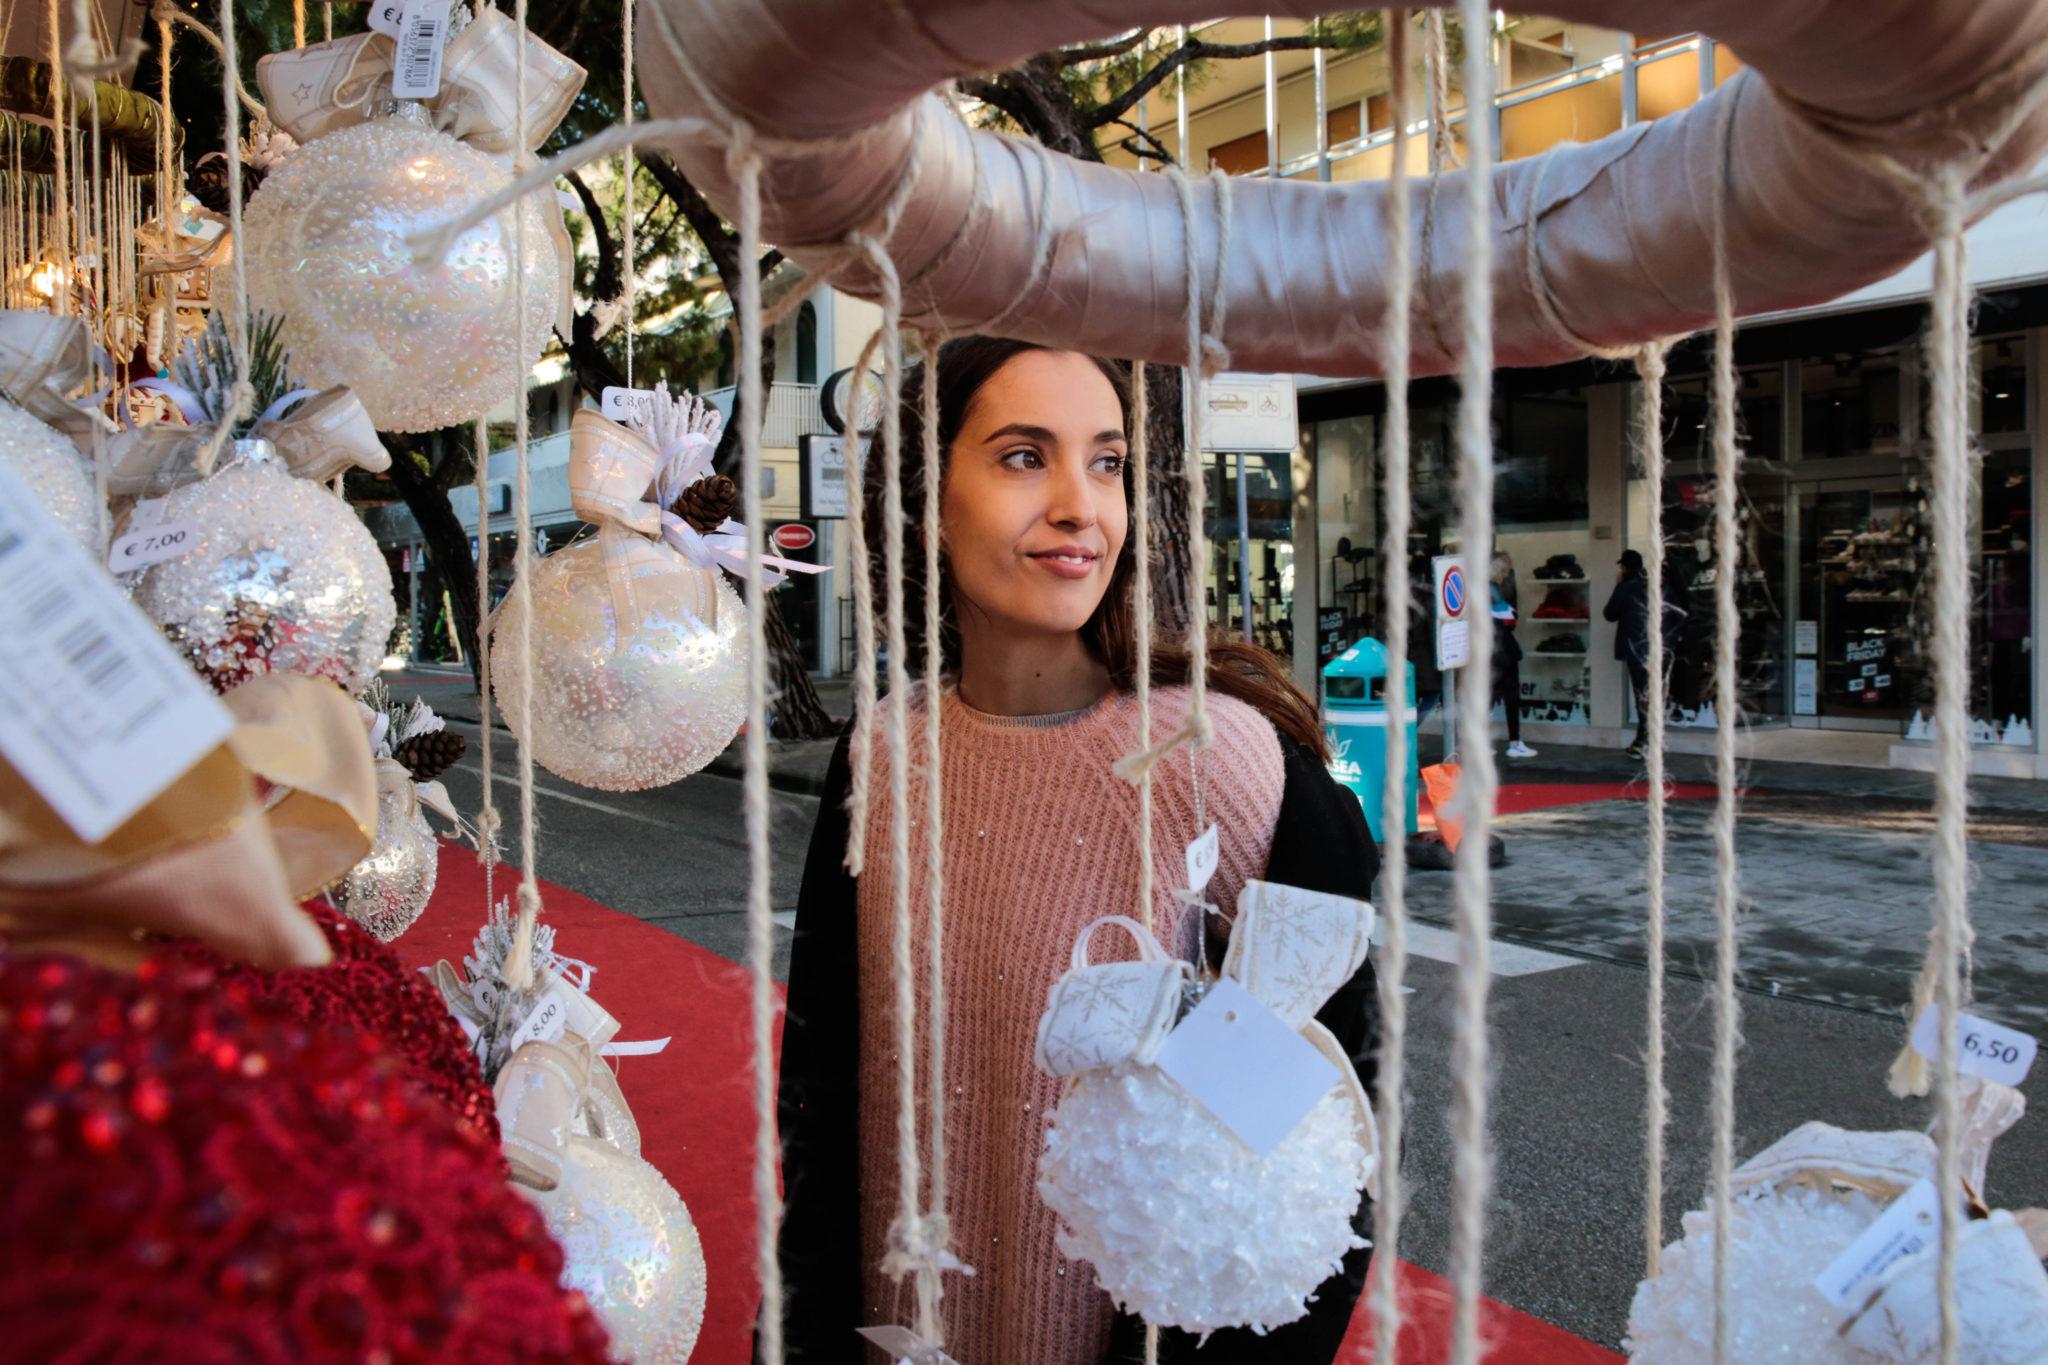 Ritratti e storie di alcuni abitanti delle 70 casette in legno del mercatino di Natale di Jesolo, fra miele, gioielli e giostre